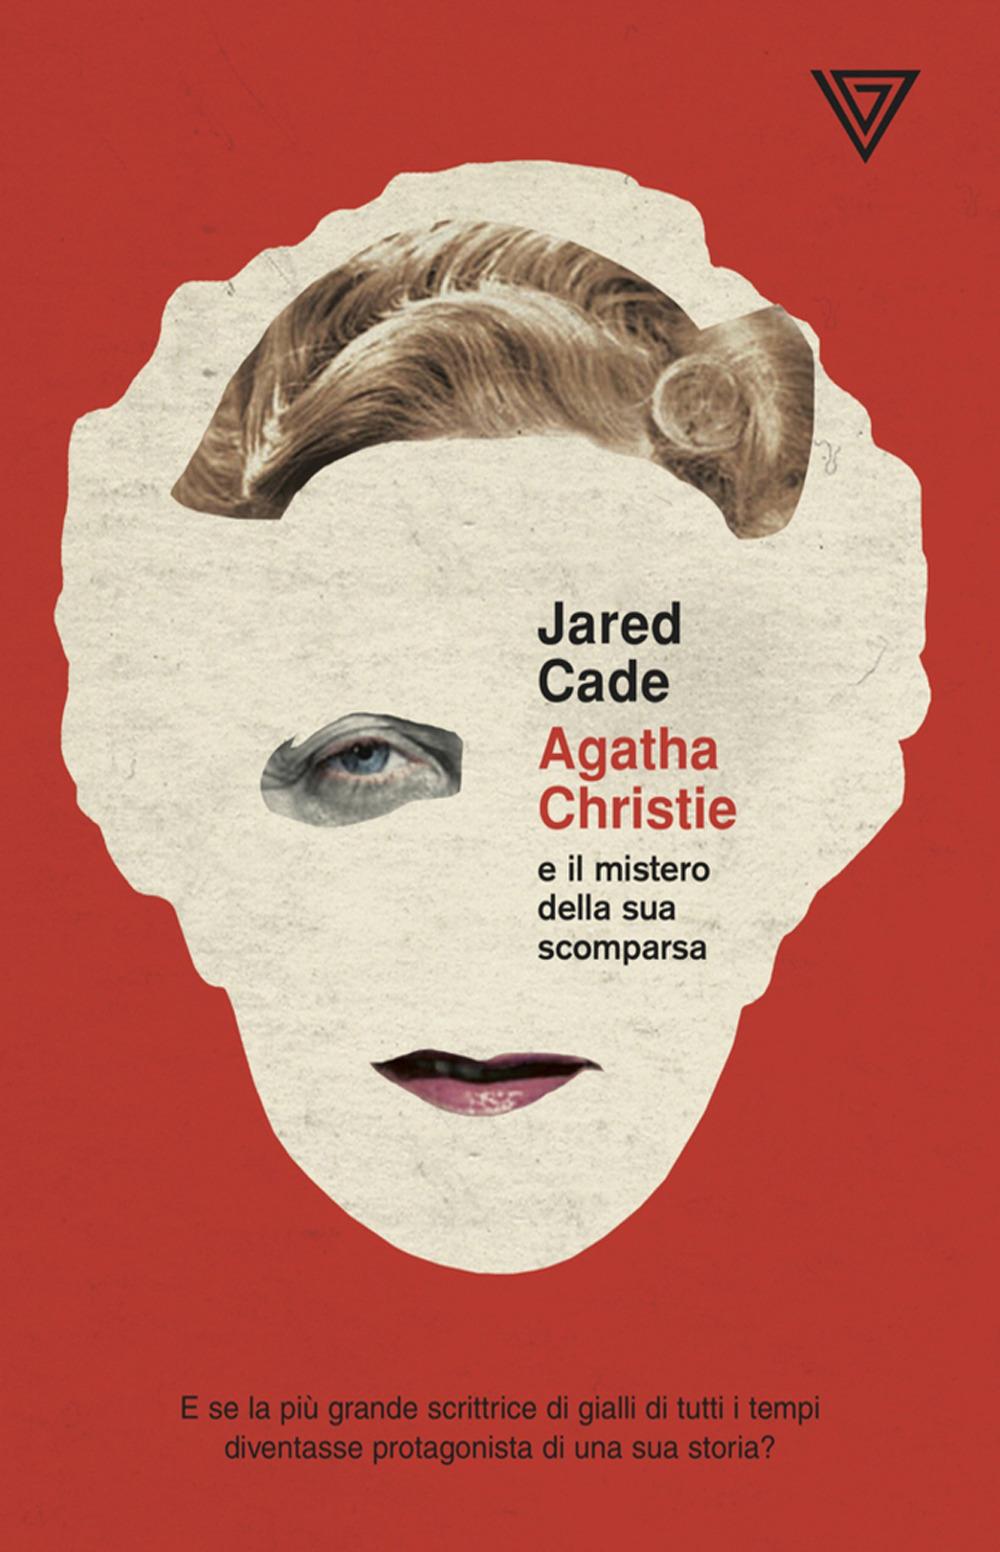 Agatha Christie e il mistero della sua scomparsa